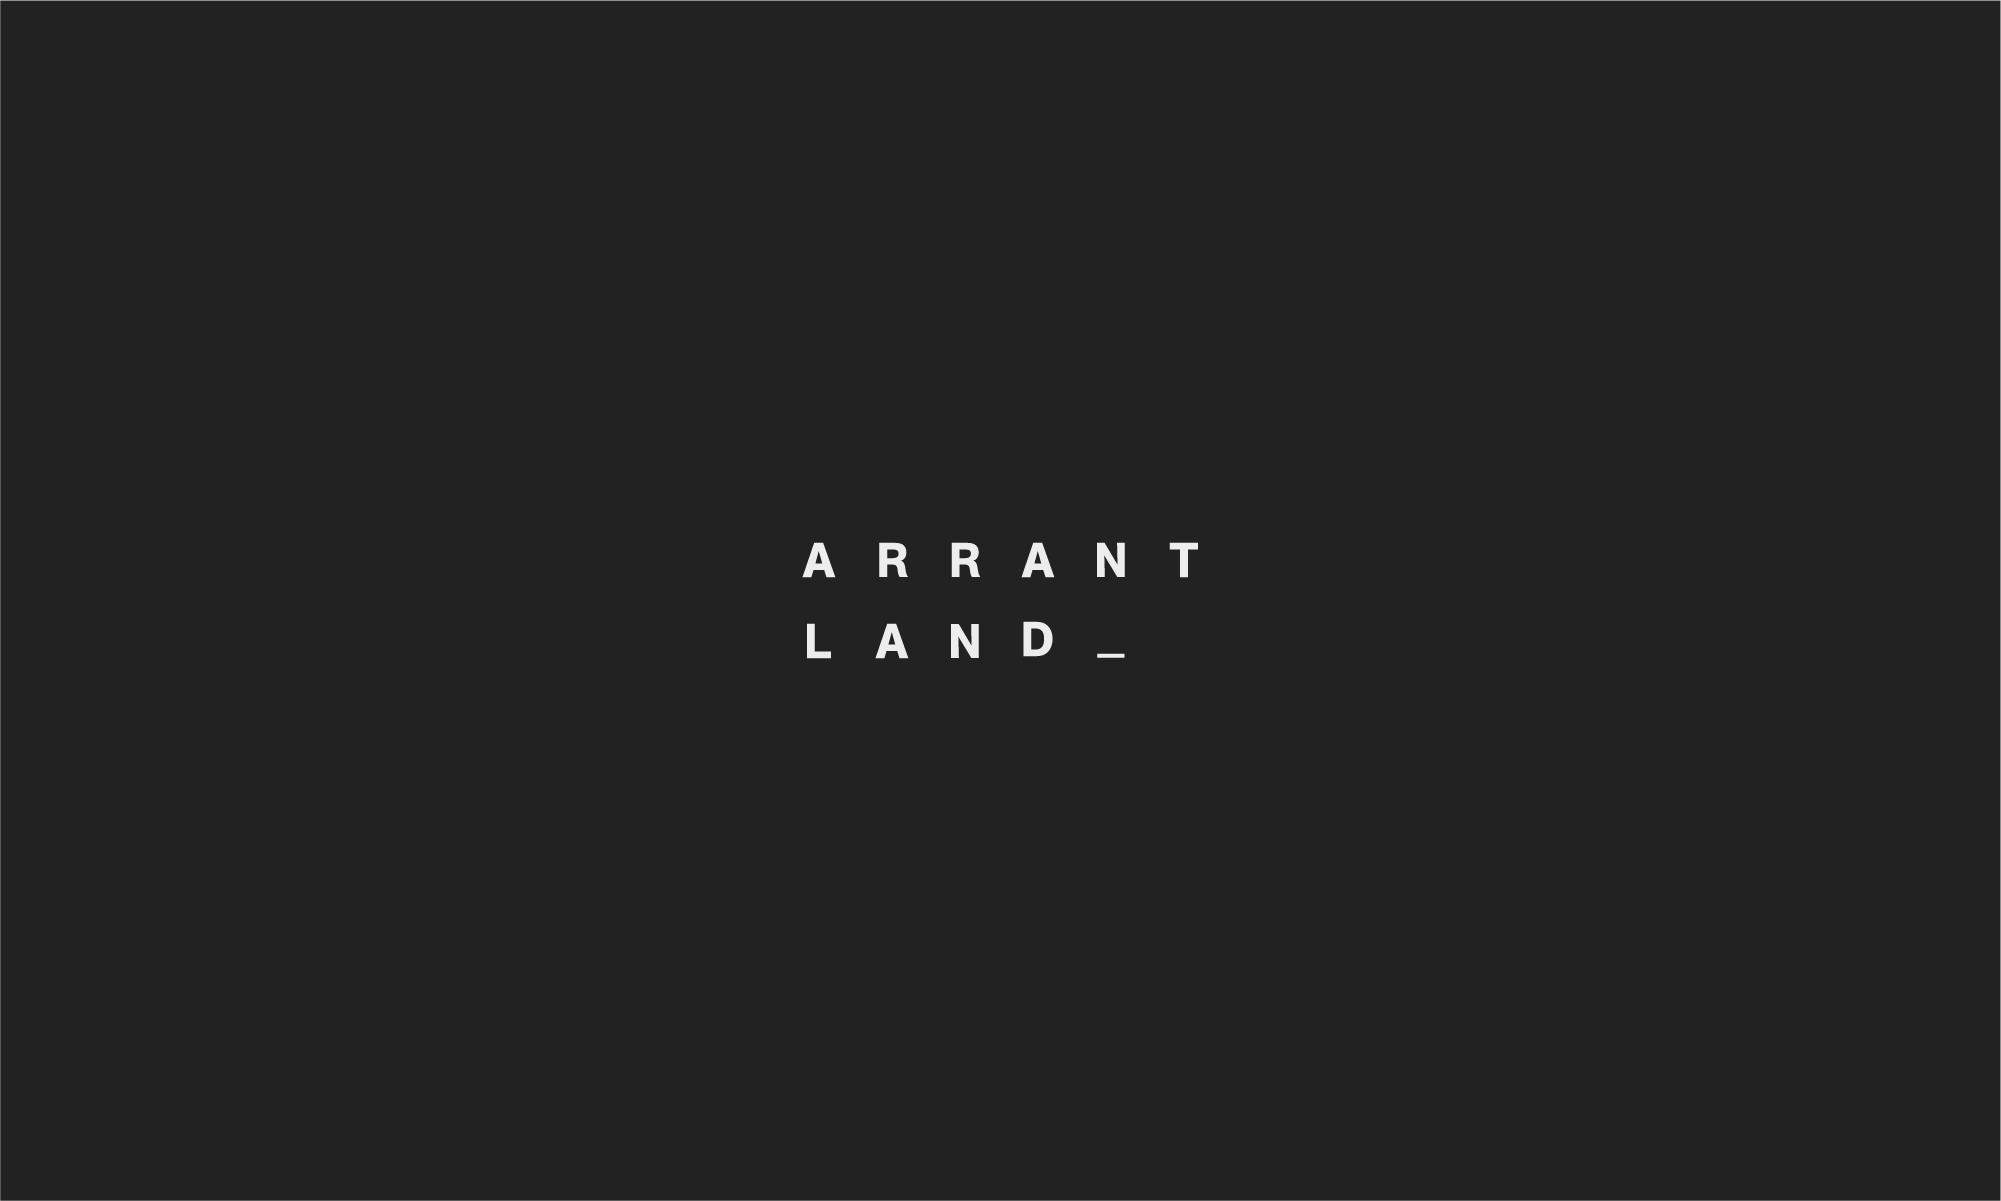 Arrant-Land-01.png